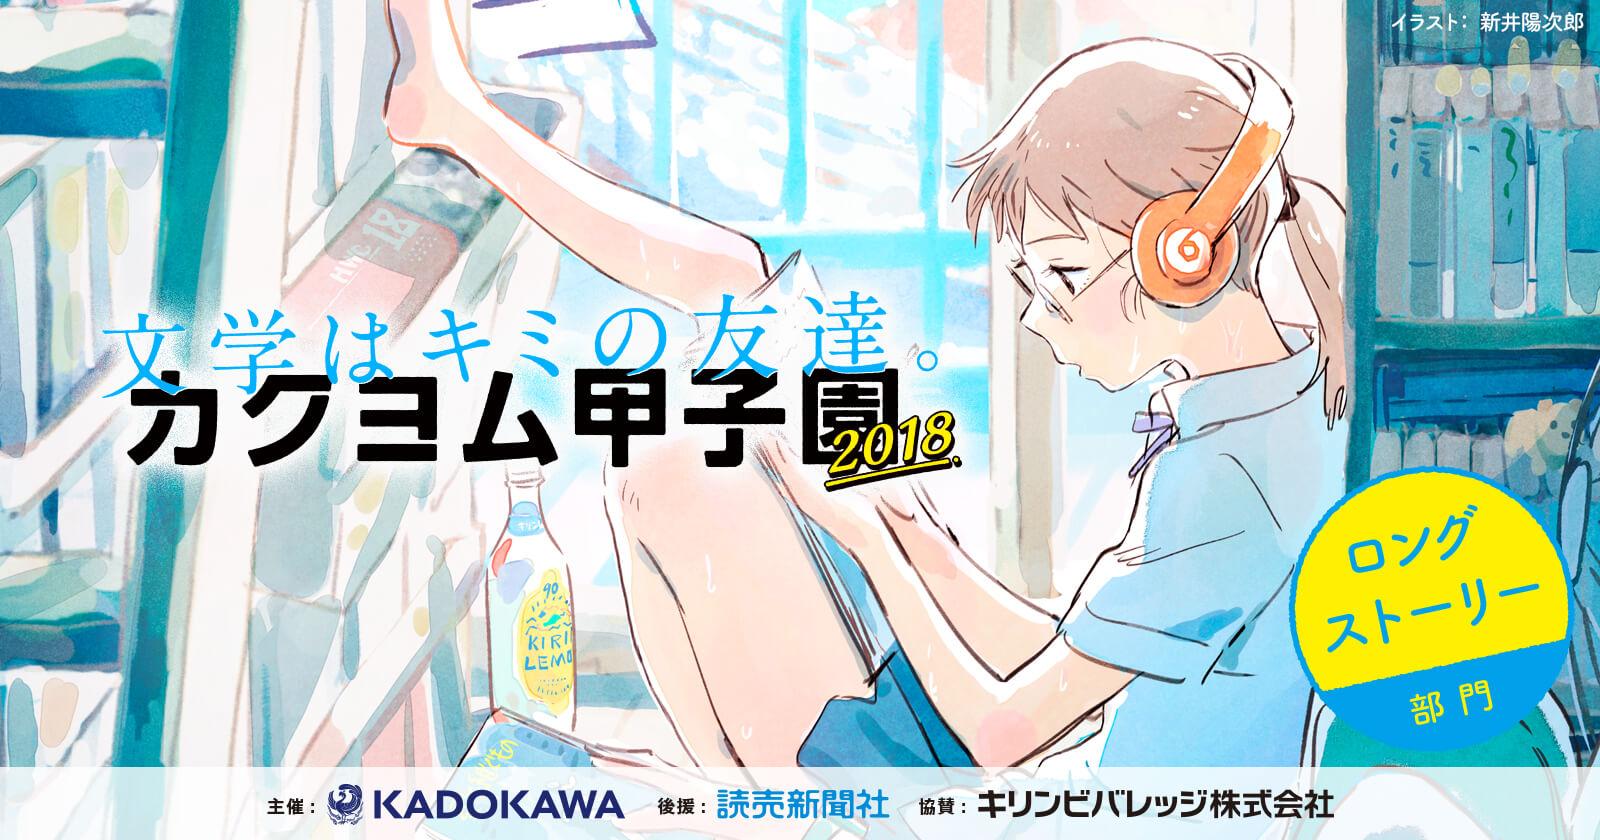 【高校生対象】文学はキミの友達。「カクヨム甲子園2018」【ロングストーリー部門】